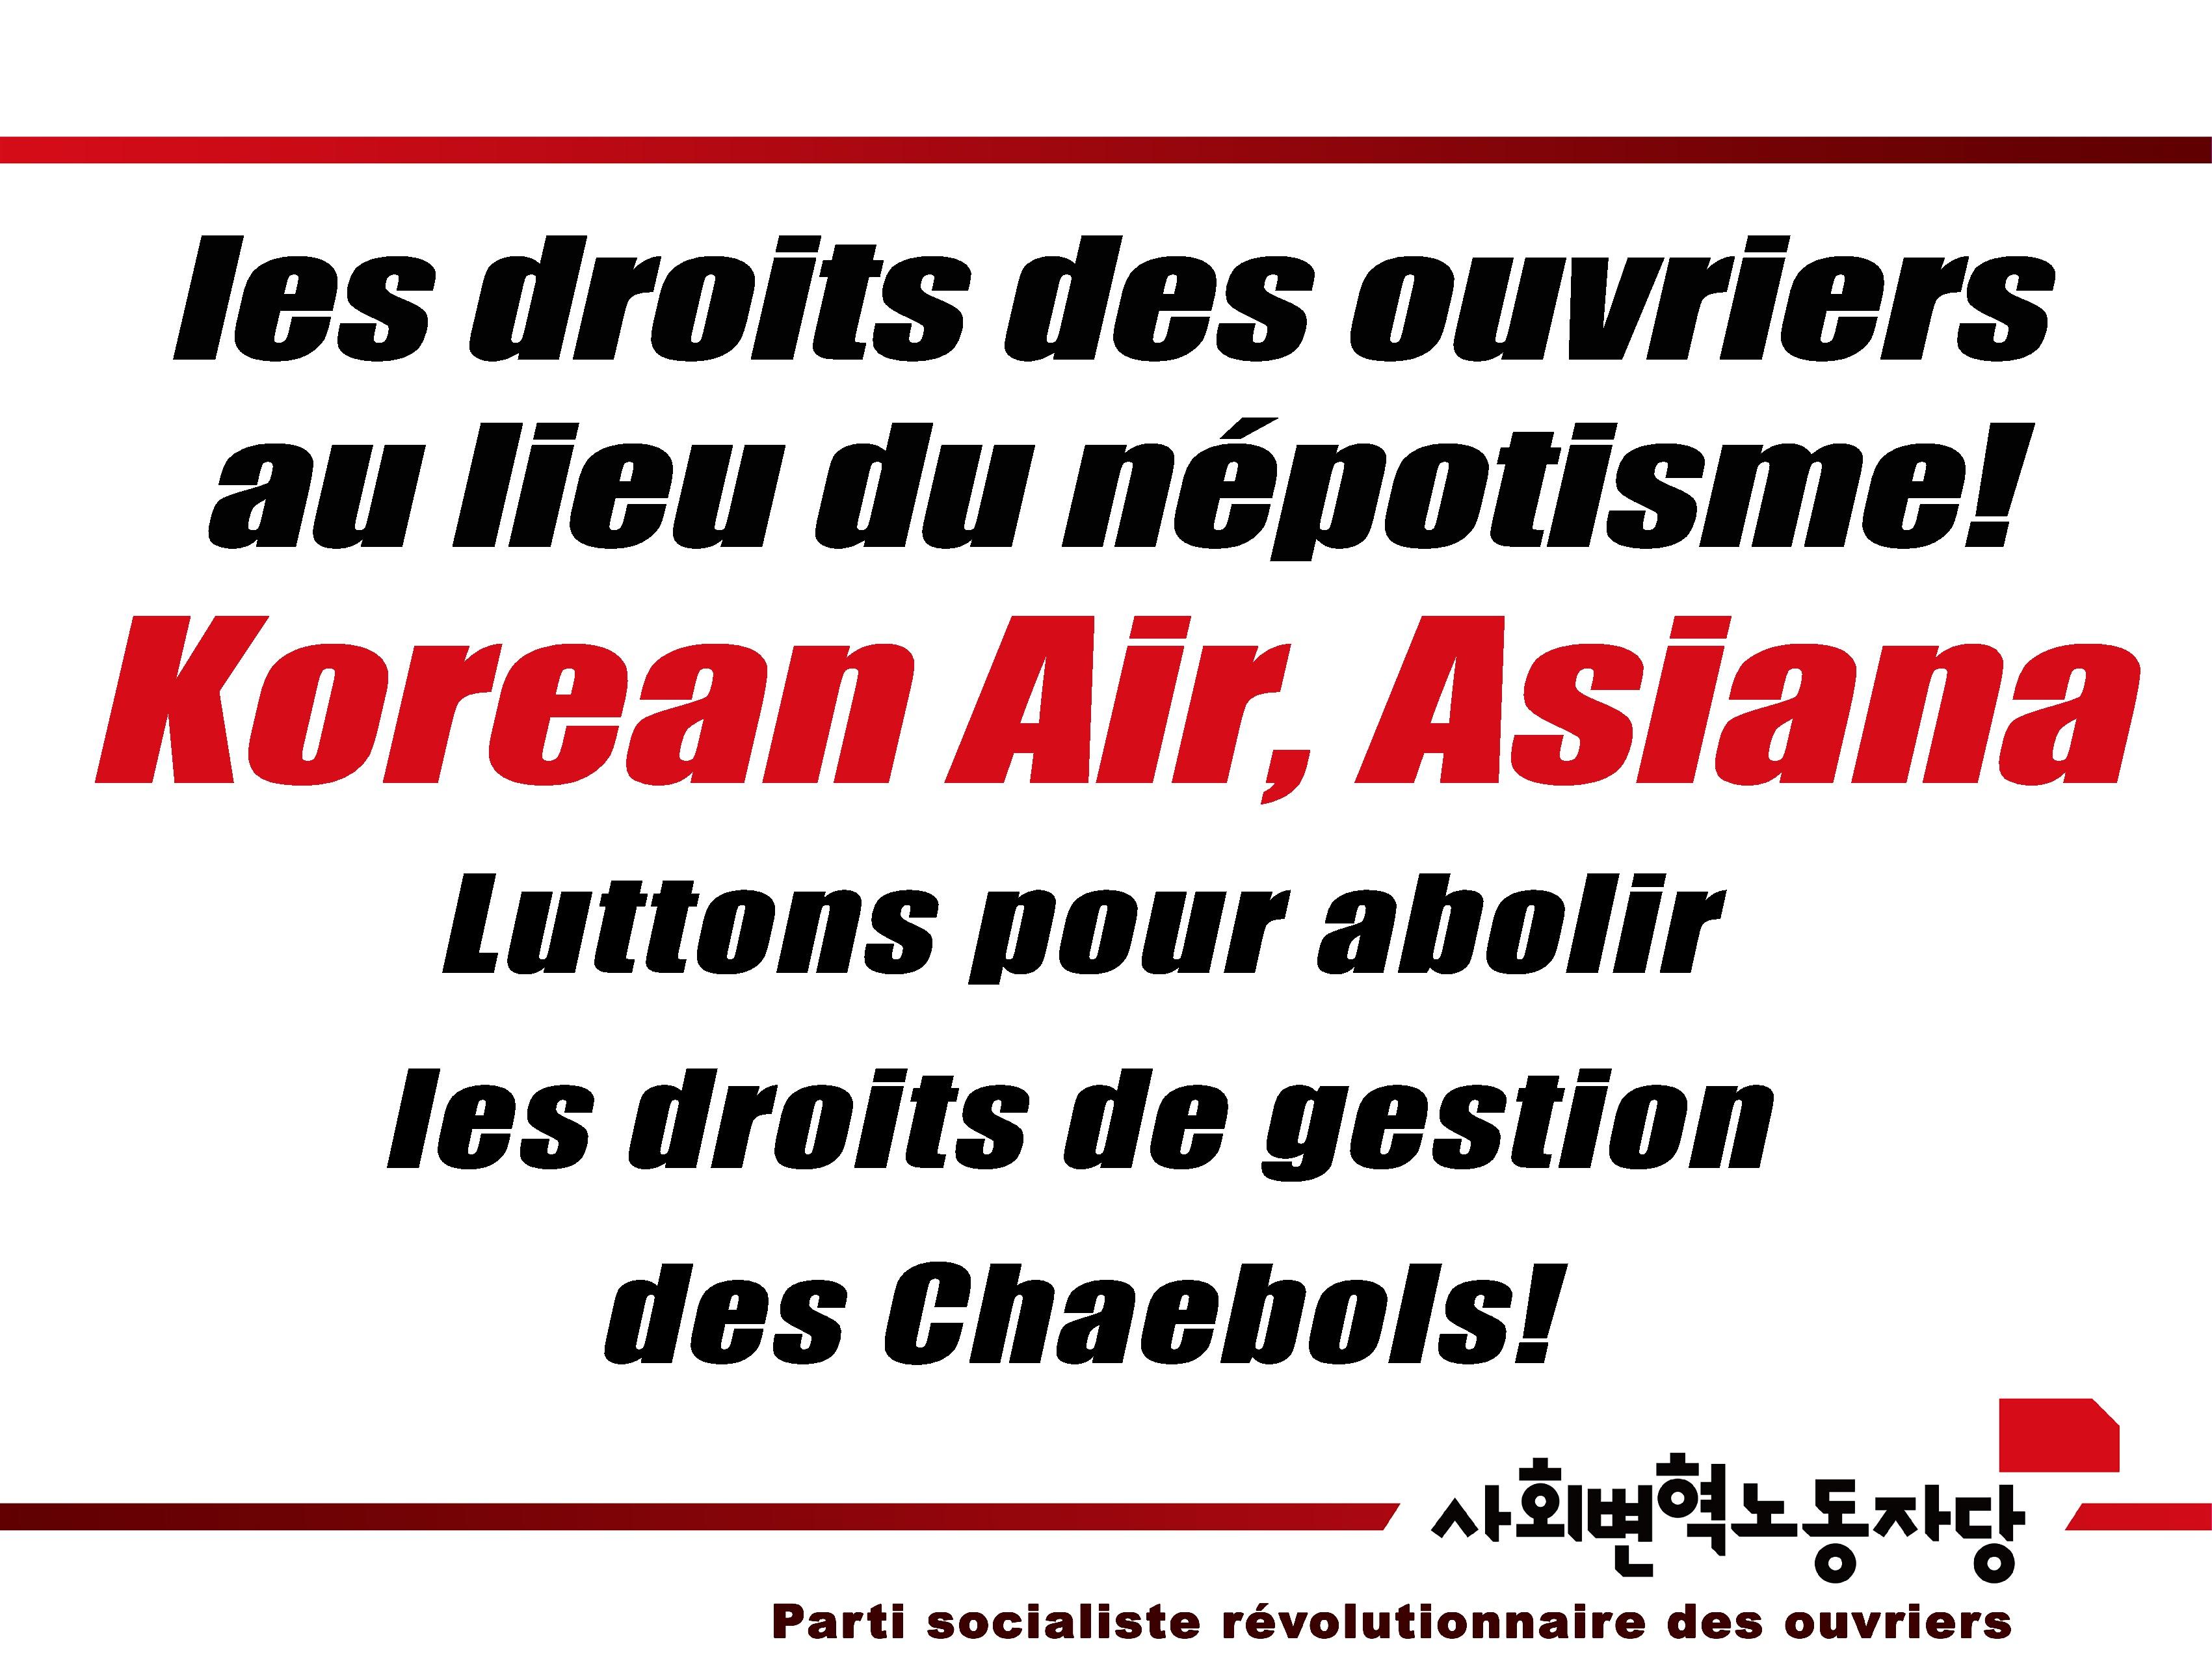 FINALPRINTfrancais_1_droits_des_ouvriers-001.jpg